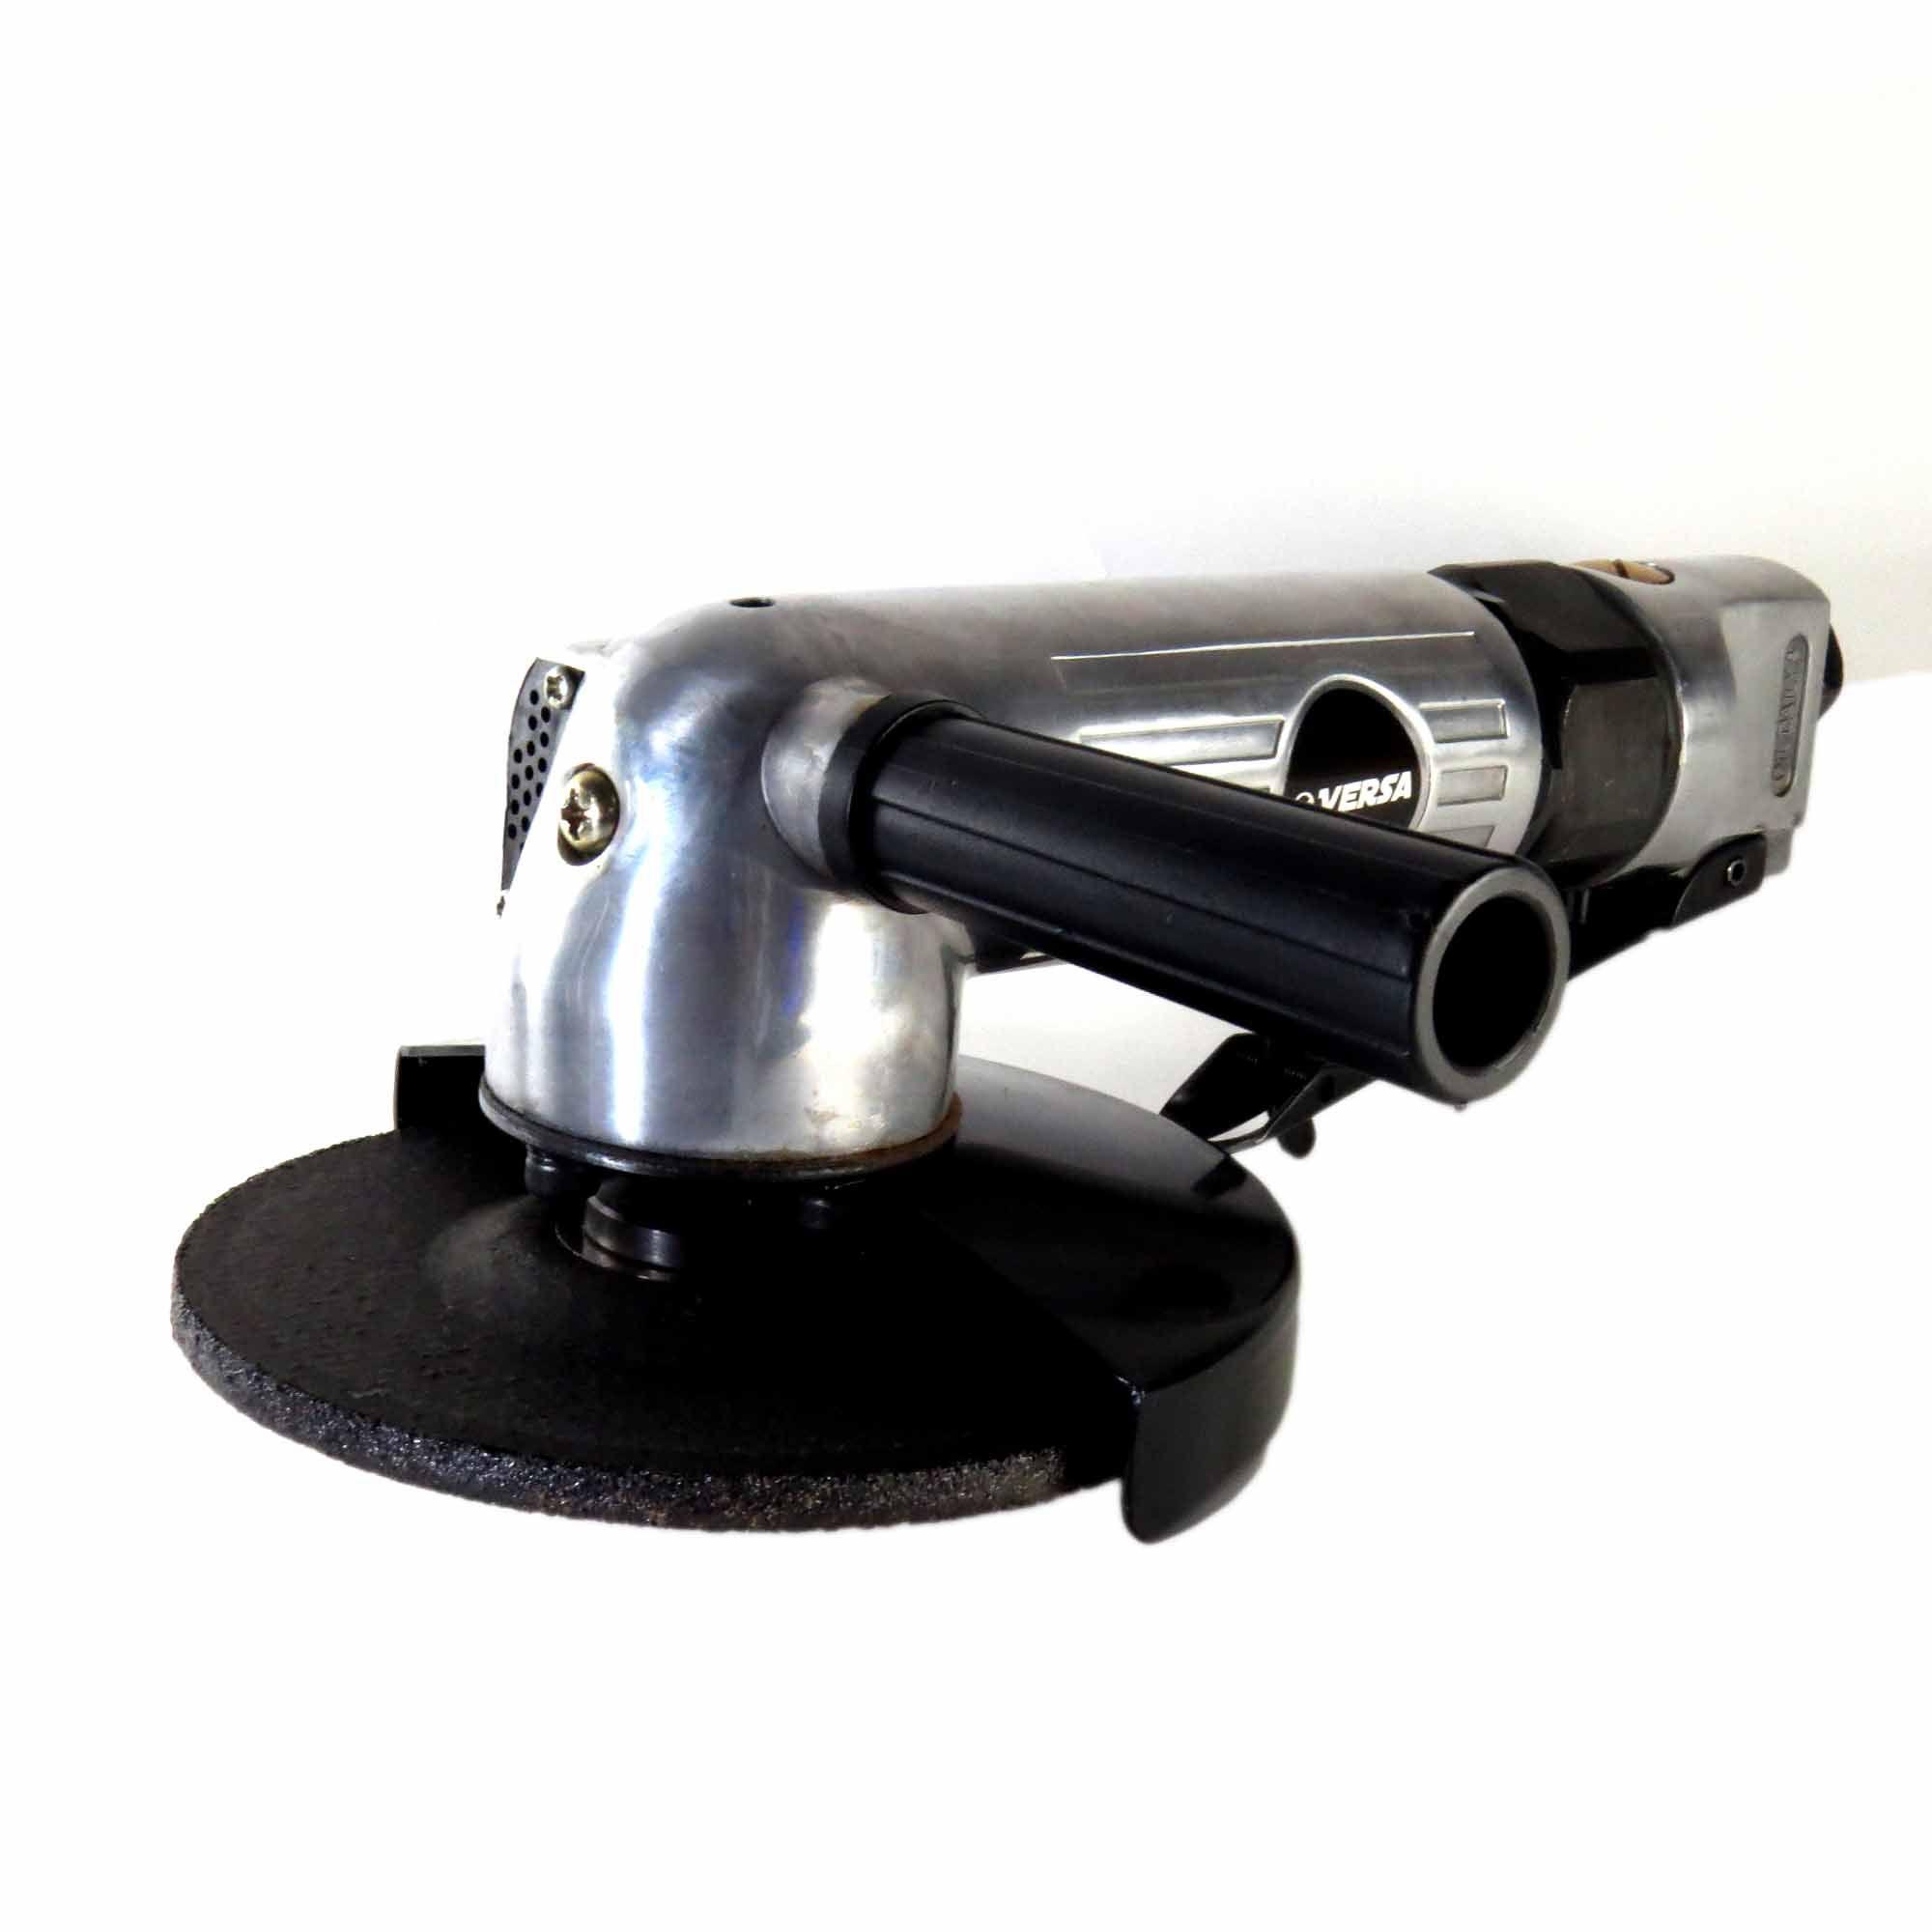 Esmerilhadeira Pneumática Em Alumínio 5 Pol Trava No Gatilho